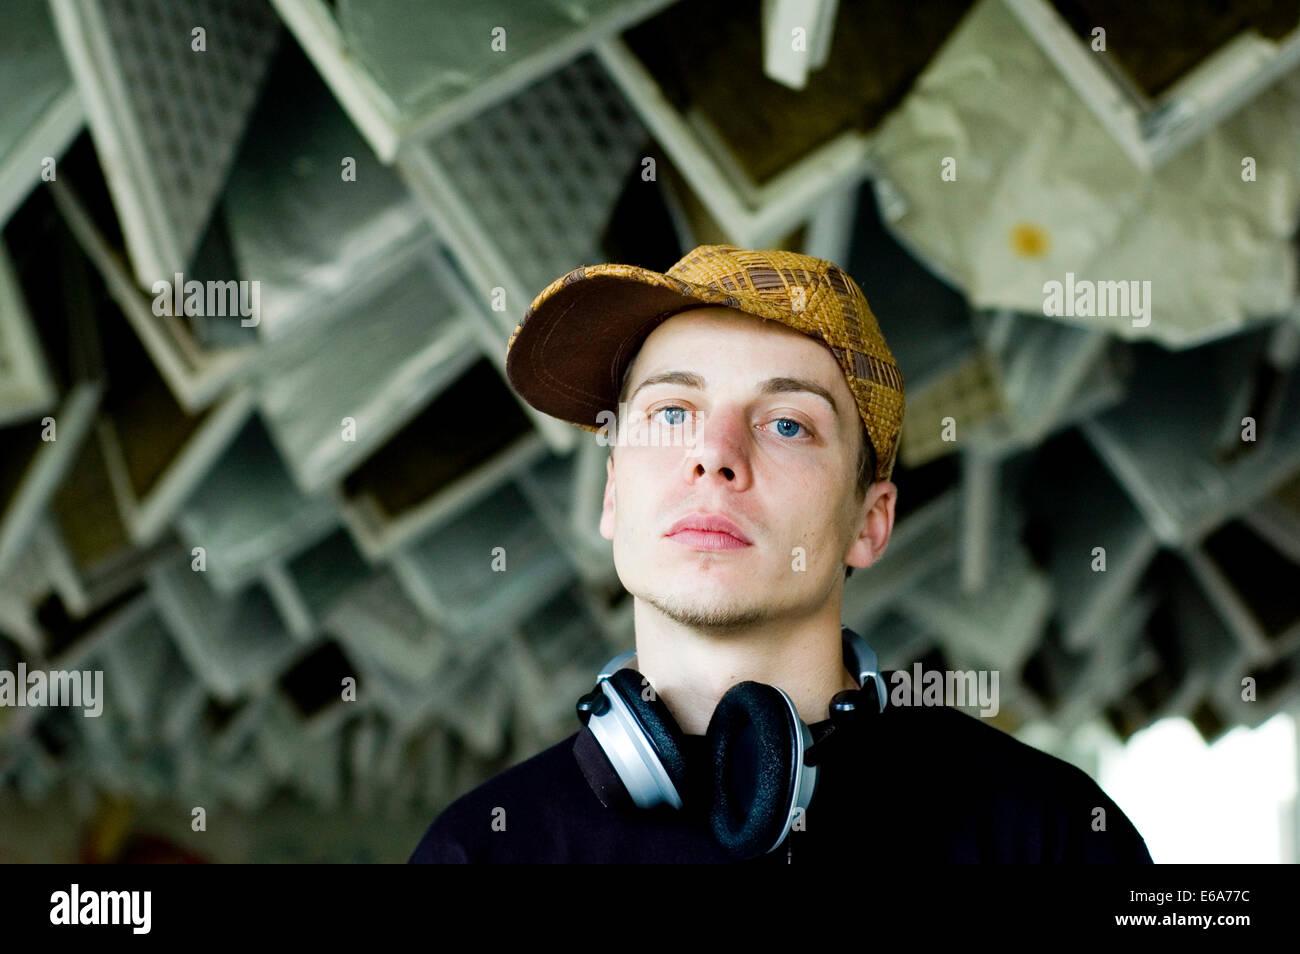 Adolescente,musica,ascoltare,cultura giovanile Immagini Stock